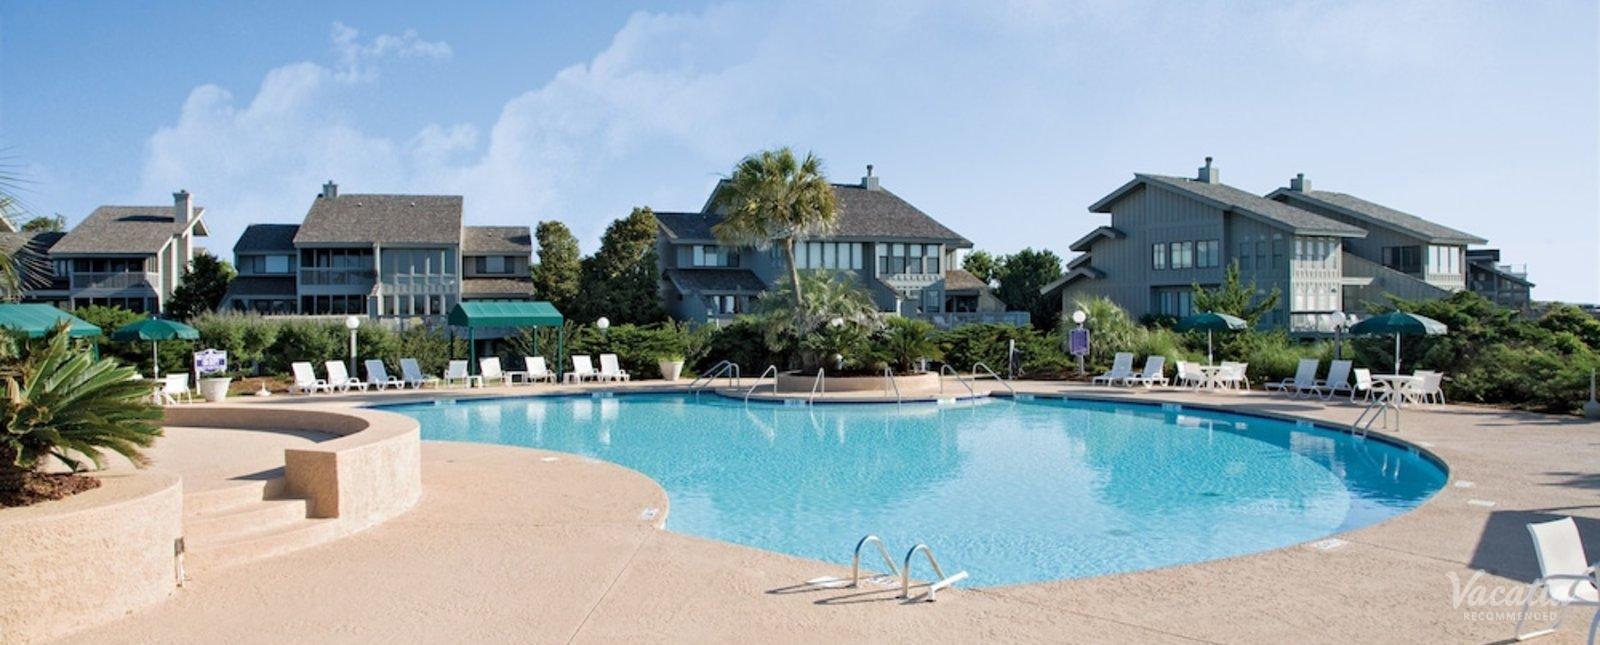 Litchfield Beach & Golf Resort | Myrtle Beach Hotels in ...